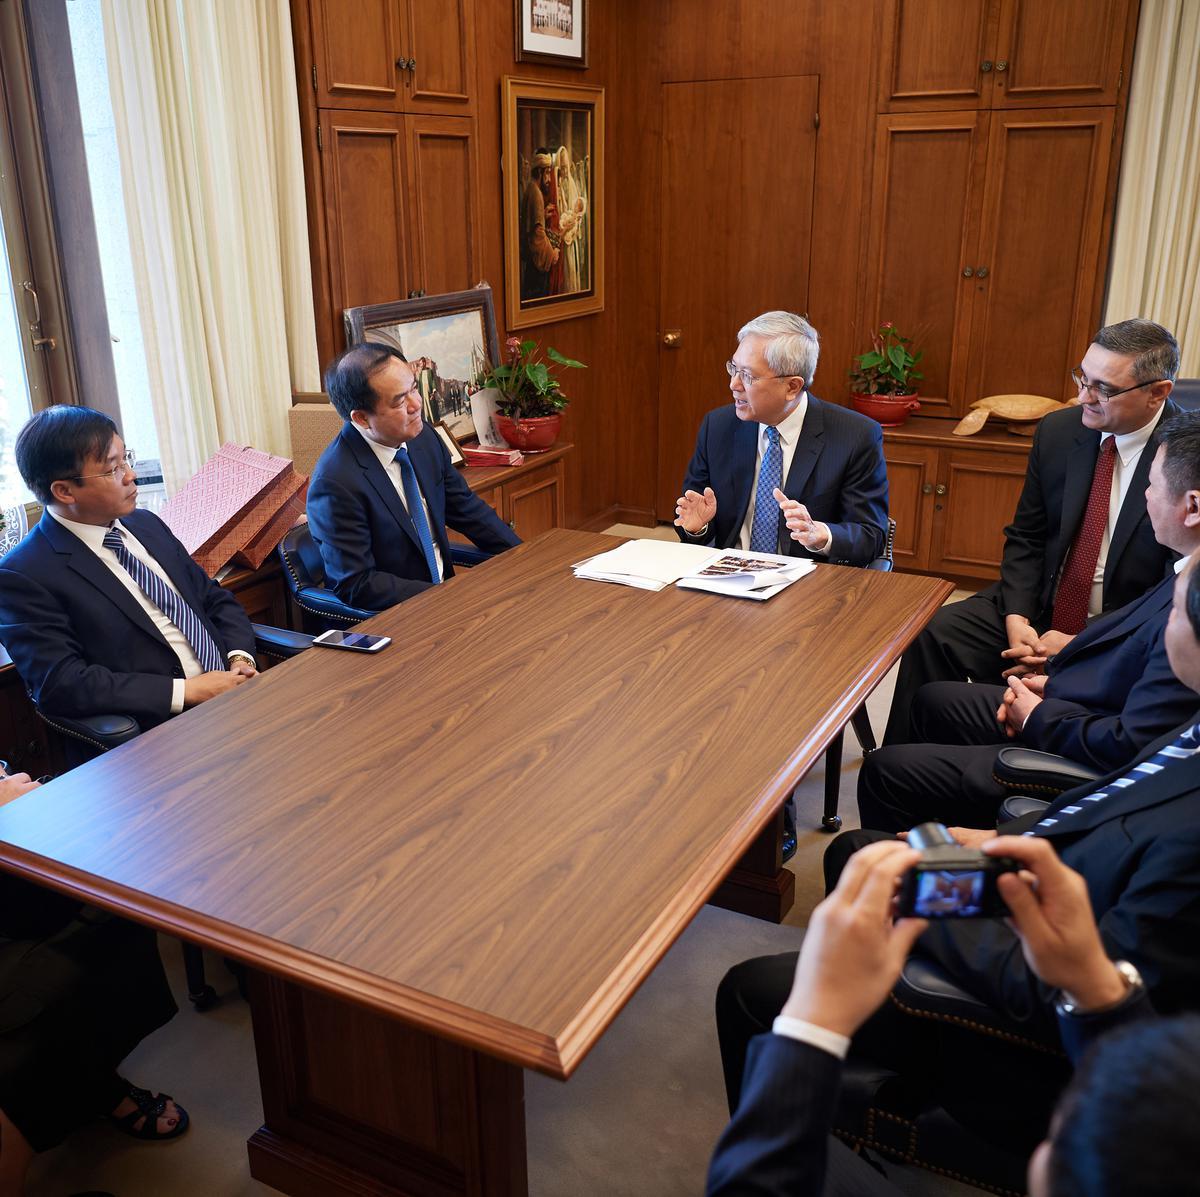 Penatua Gerrit W. Gong dari Kuorum Dua Belas Rasul, tengah, bertemu dengan delegasi dari Komite Urusan Keagamaan Vietnam di Gedung Administrasi Gereja pada 4 Juni 2019.